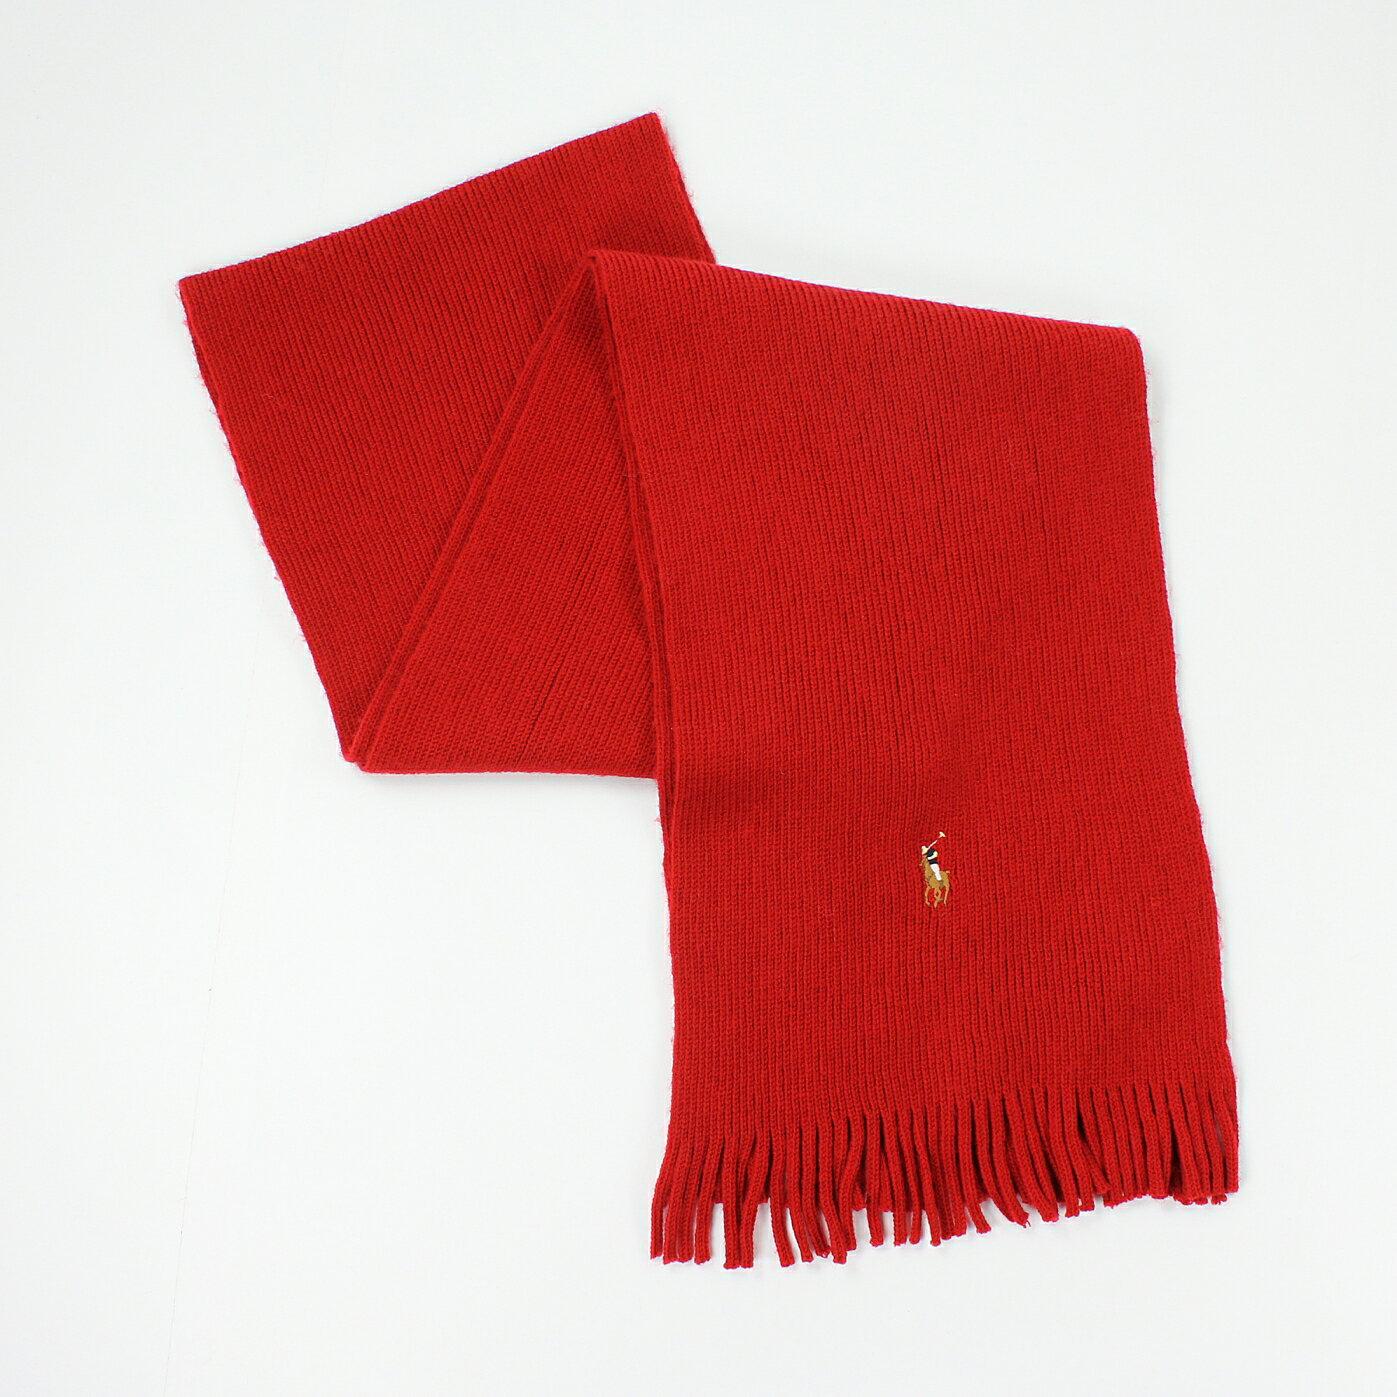 美國百分百【全新真品】Ralph Lauren 圍巾 RL 配件 紅 男 女 Polo 小彩馬 羊毛 柔軟 編織 E074